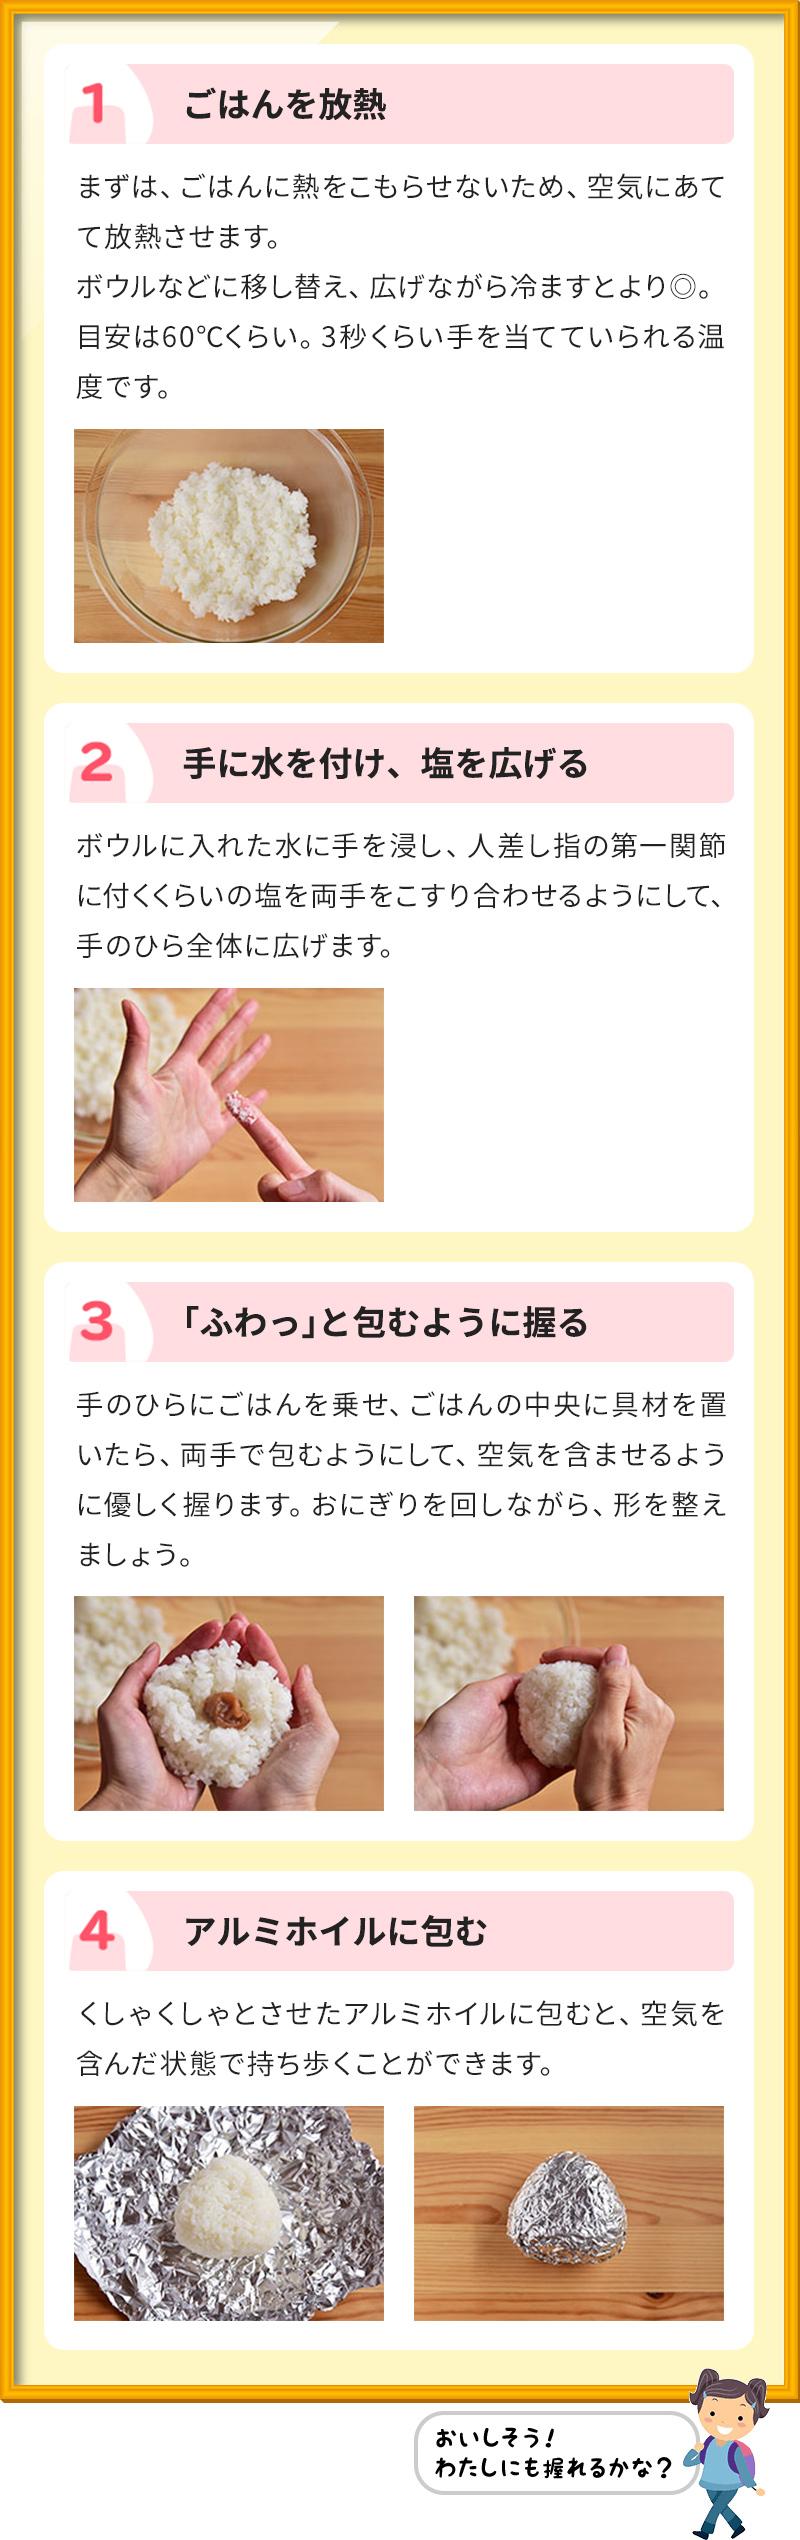 1ごはんを放熱 まずは、ごはんに熱をこもらせないため、空気にあてて放熱させます。 ボウルなどに移し替え、広げながら冷ますとより◎。 目安は60℃くらい。3秒くらい手を当てていられる温度です。 2手に水を付け、塩を広げる ボウルに入れた水に手を浸し、人差し指の第一関節に付くくらいの塩を両手をこすり合わせるようにして、手のひら全体に広げます。 3「ふわっ」と包むように握る 手のひらにごはんを乗せ、ごはんの中央に具材を置いたら、両手で包むようにして、空気を含ませるように優しく握ります。おにぎりを回しながら、形を整えましょう。 4アルミホイルに包む くしゃくしゃとさせたアルミホイルに包むと、空気を含んだ状態で持ち歩くことができます。